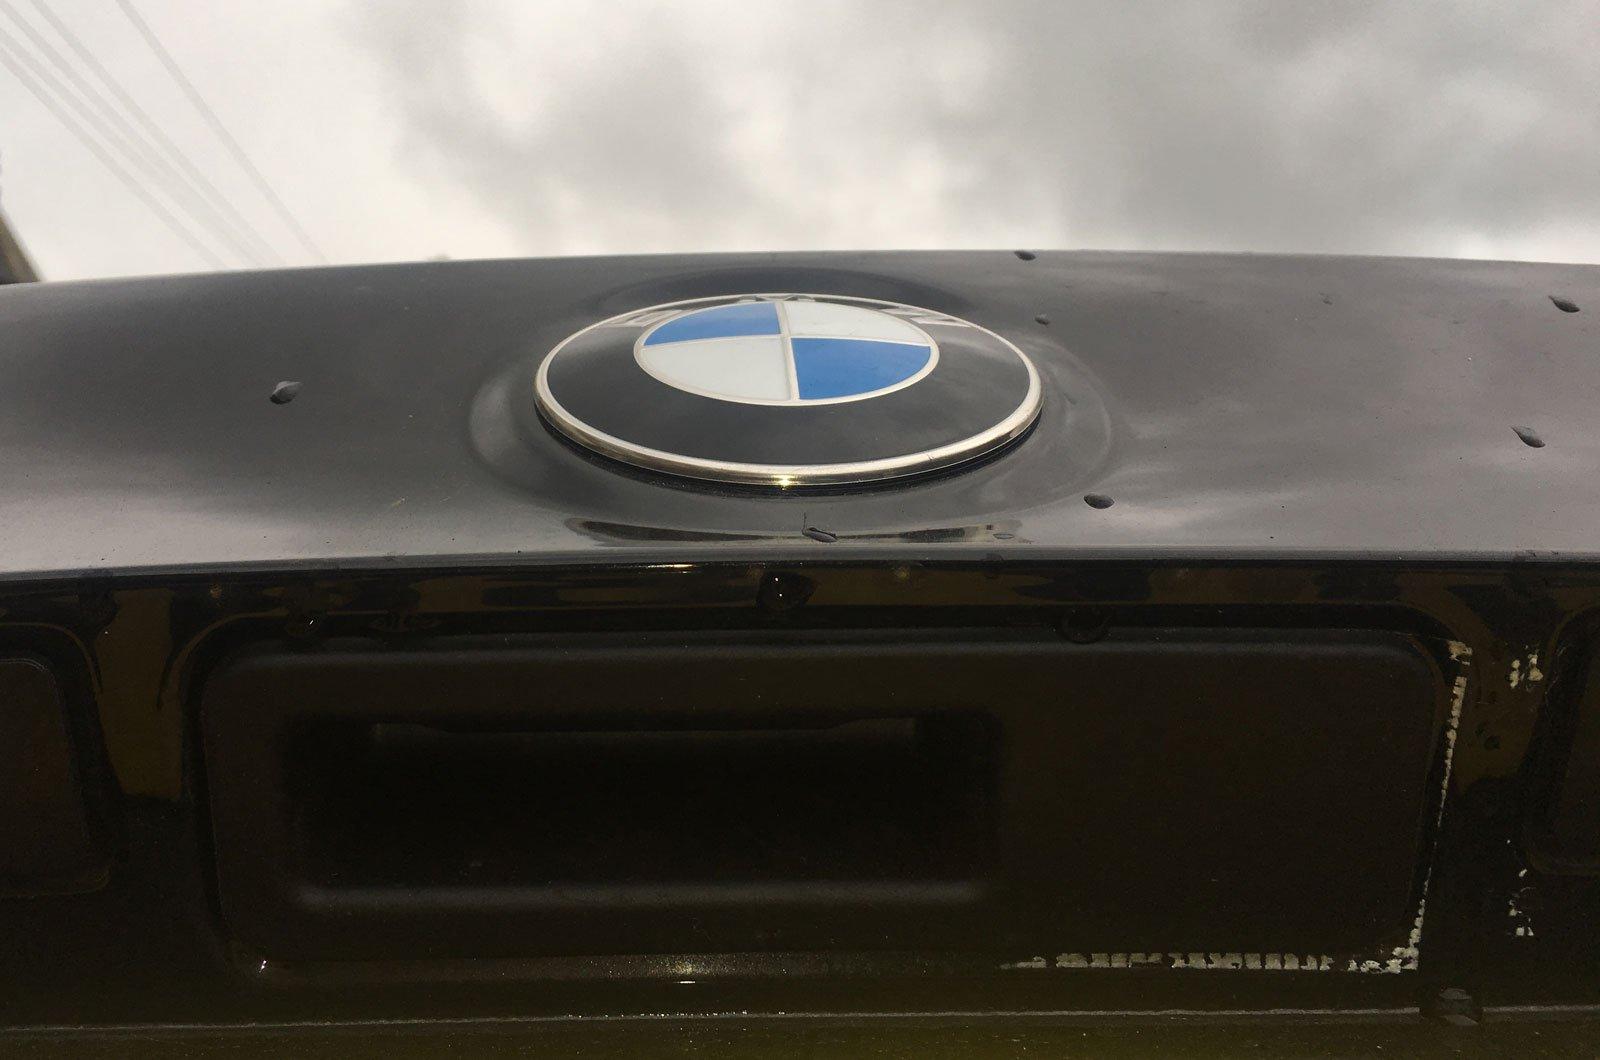 BMW X3 camera cover